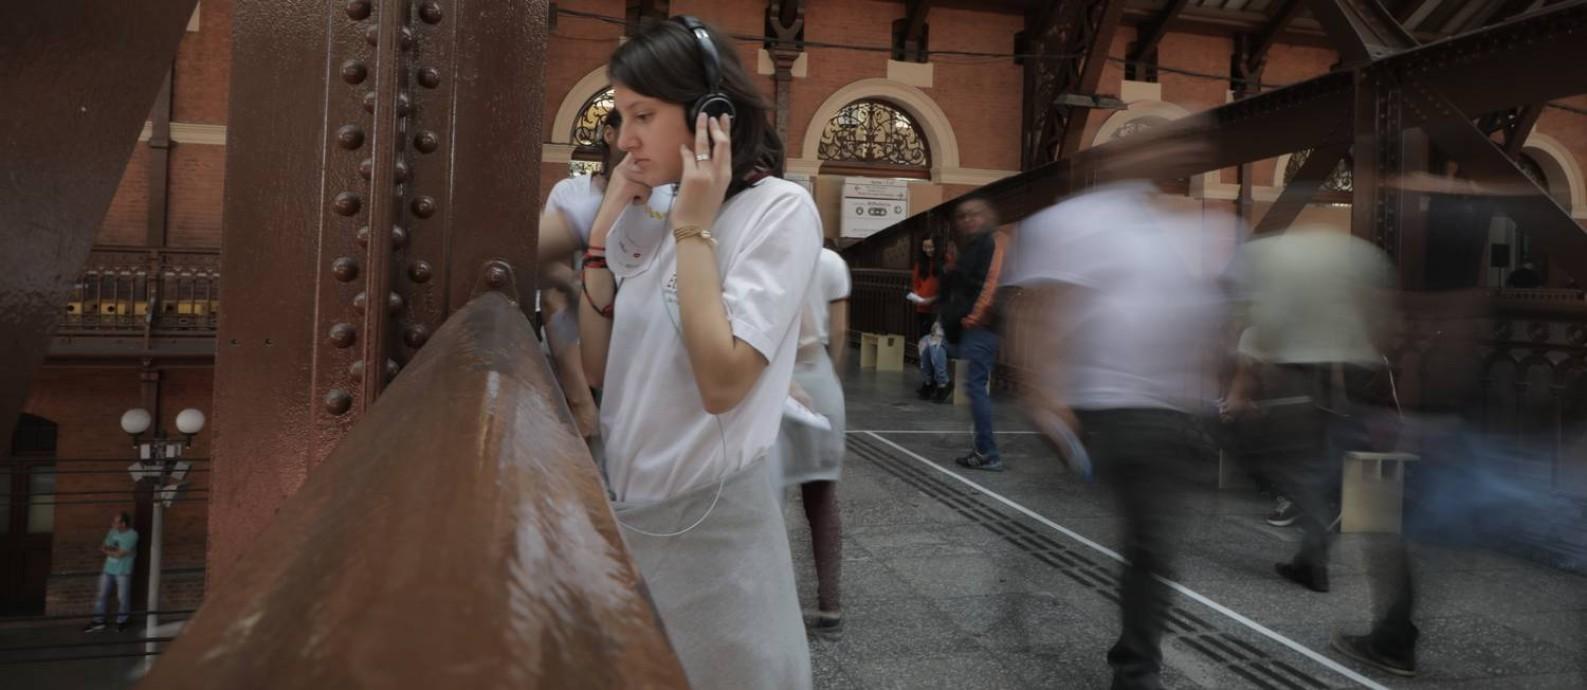 Estação da Luz: edifício que abriga o Museu da Língua Portuguesa é palco de programação educacional para o público e moradores da região Foto: Camila Piccolo / Divulgação